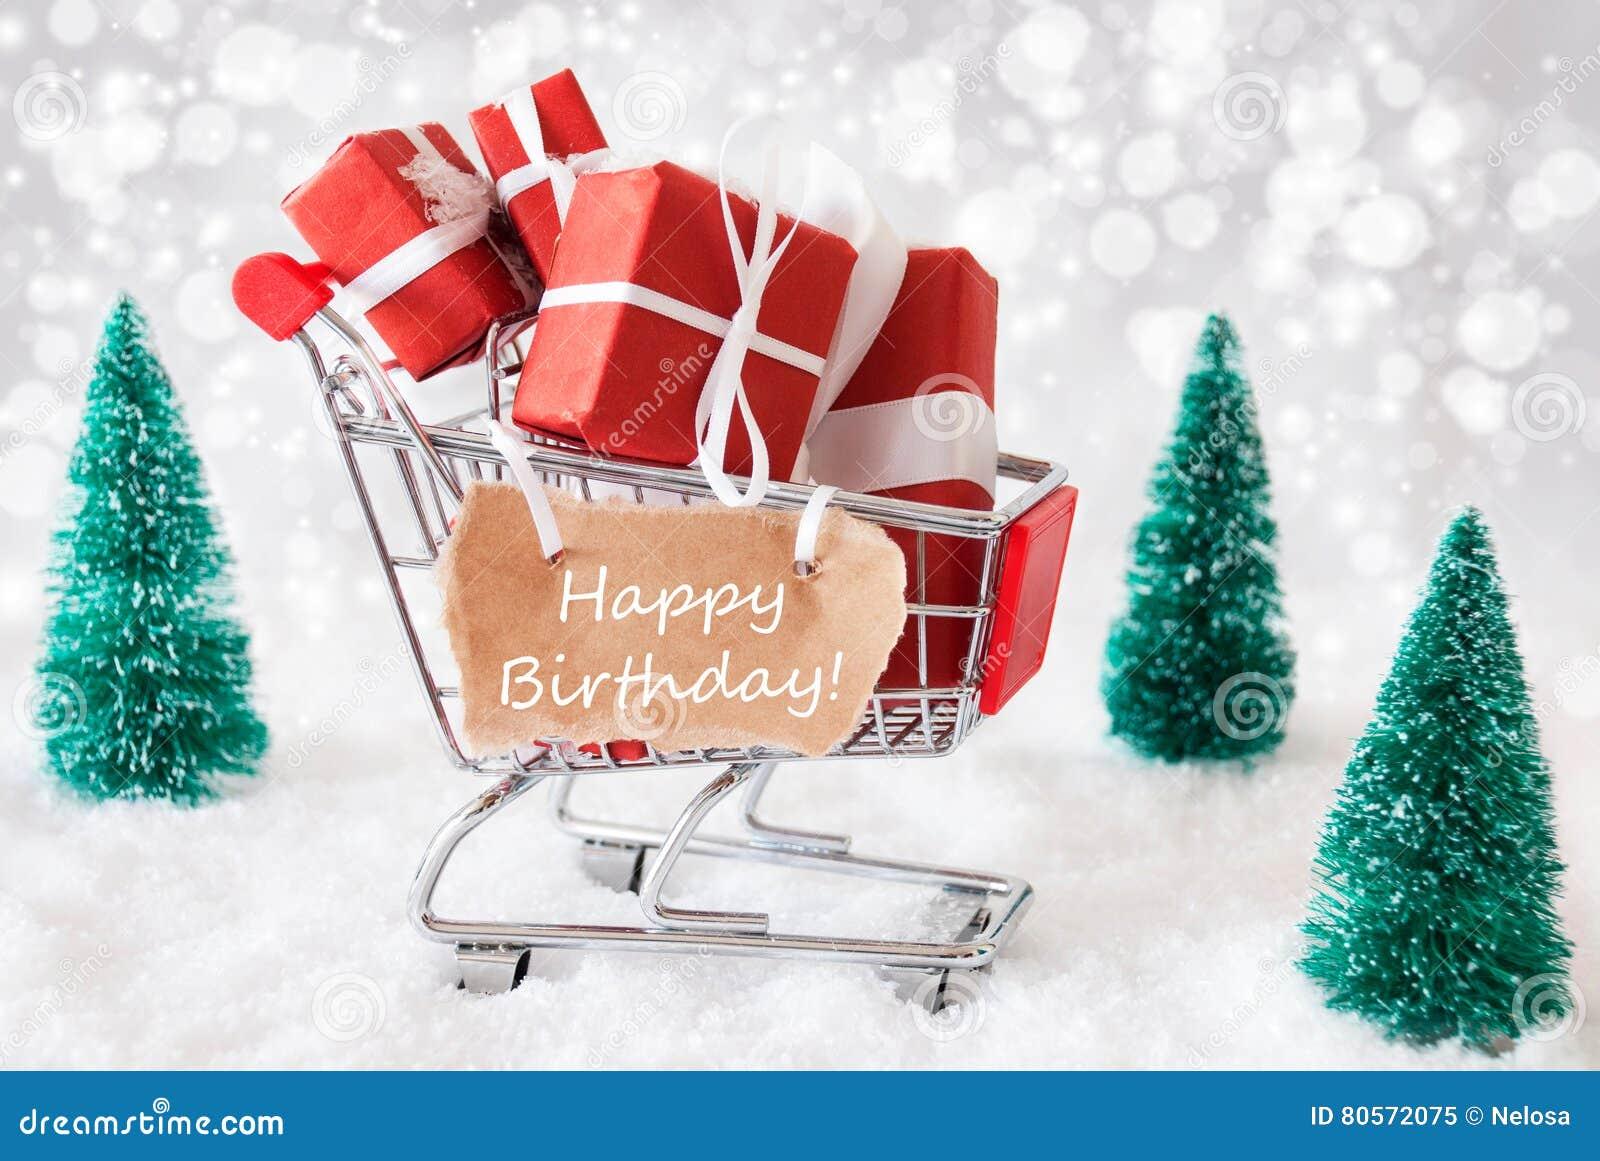 Laufkatze Mit Weihnachtsgeschenken Und Schnee Simsen Alles Gute